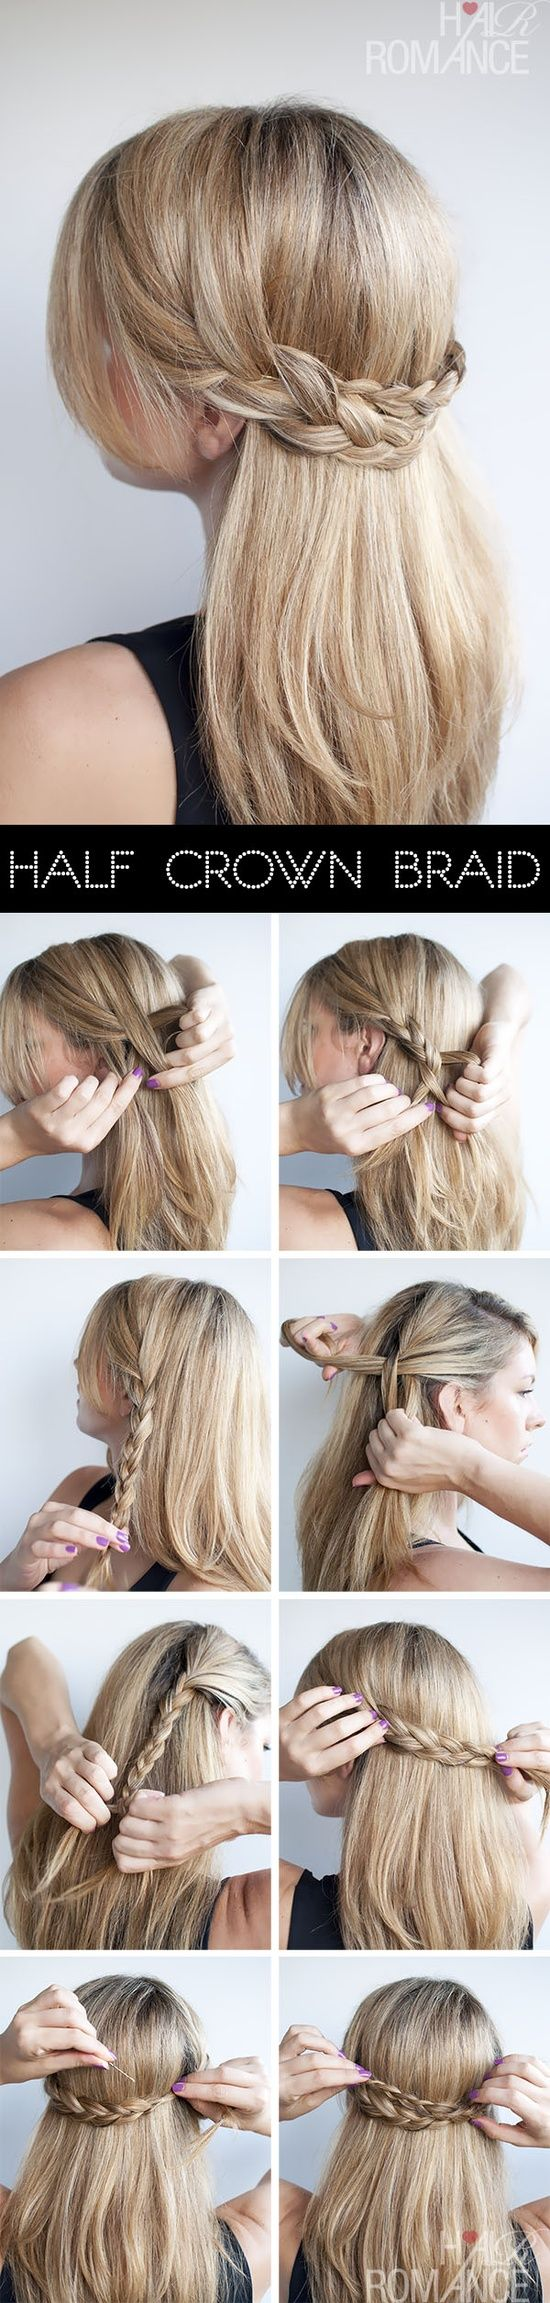 Half Crown Braid - hair-sublime.com